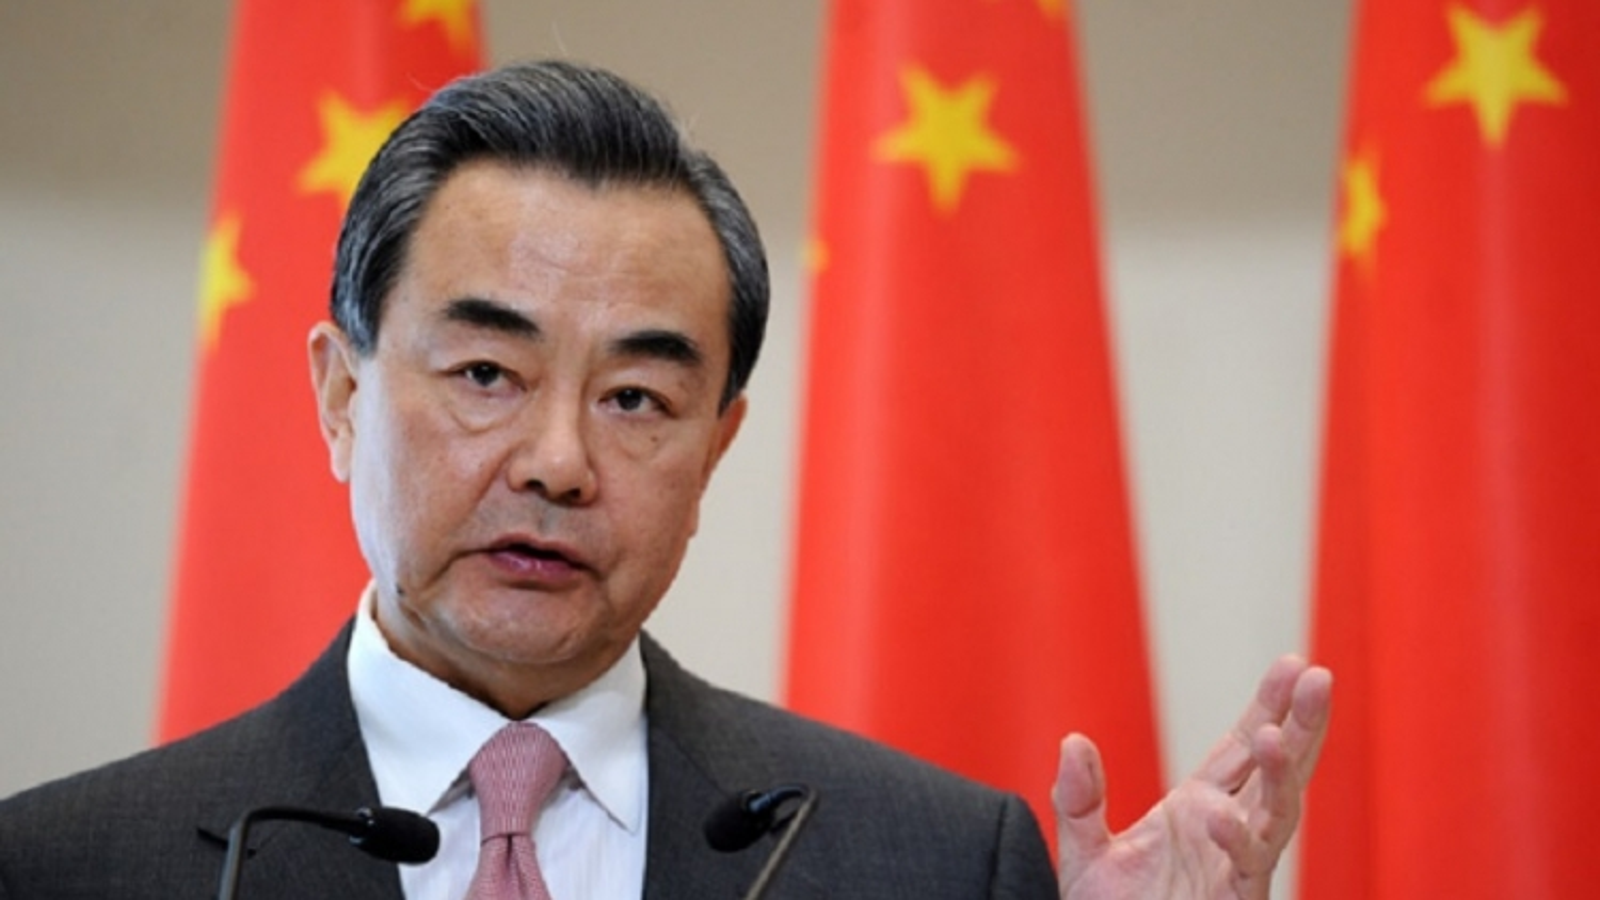 Ngoại trưởng Trung Quốc Vương Nghị sẽthăm Nhật Bản vào đầu tháng 10